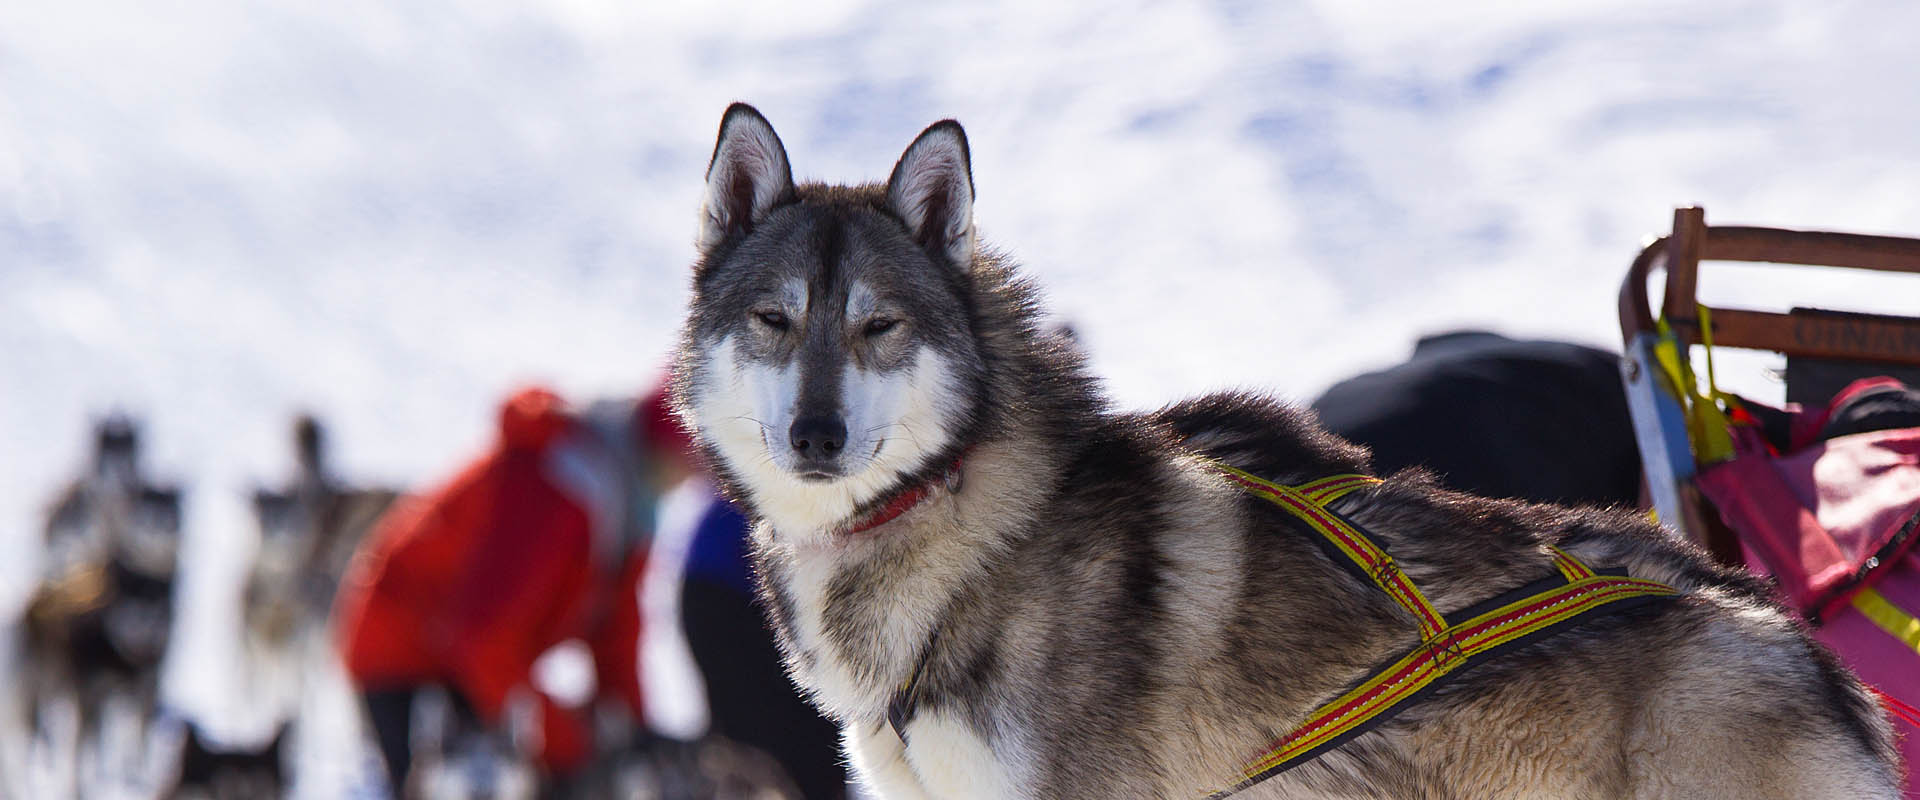 Sled dog. Tour calendar dog sled tours dog sledding.